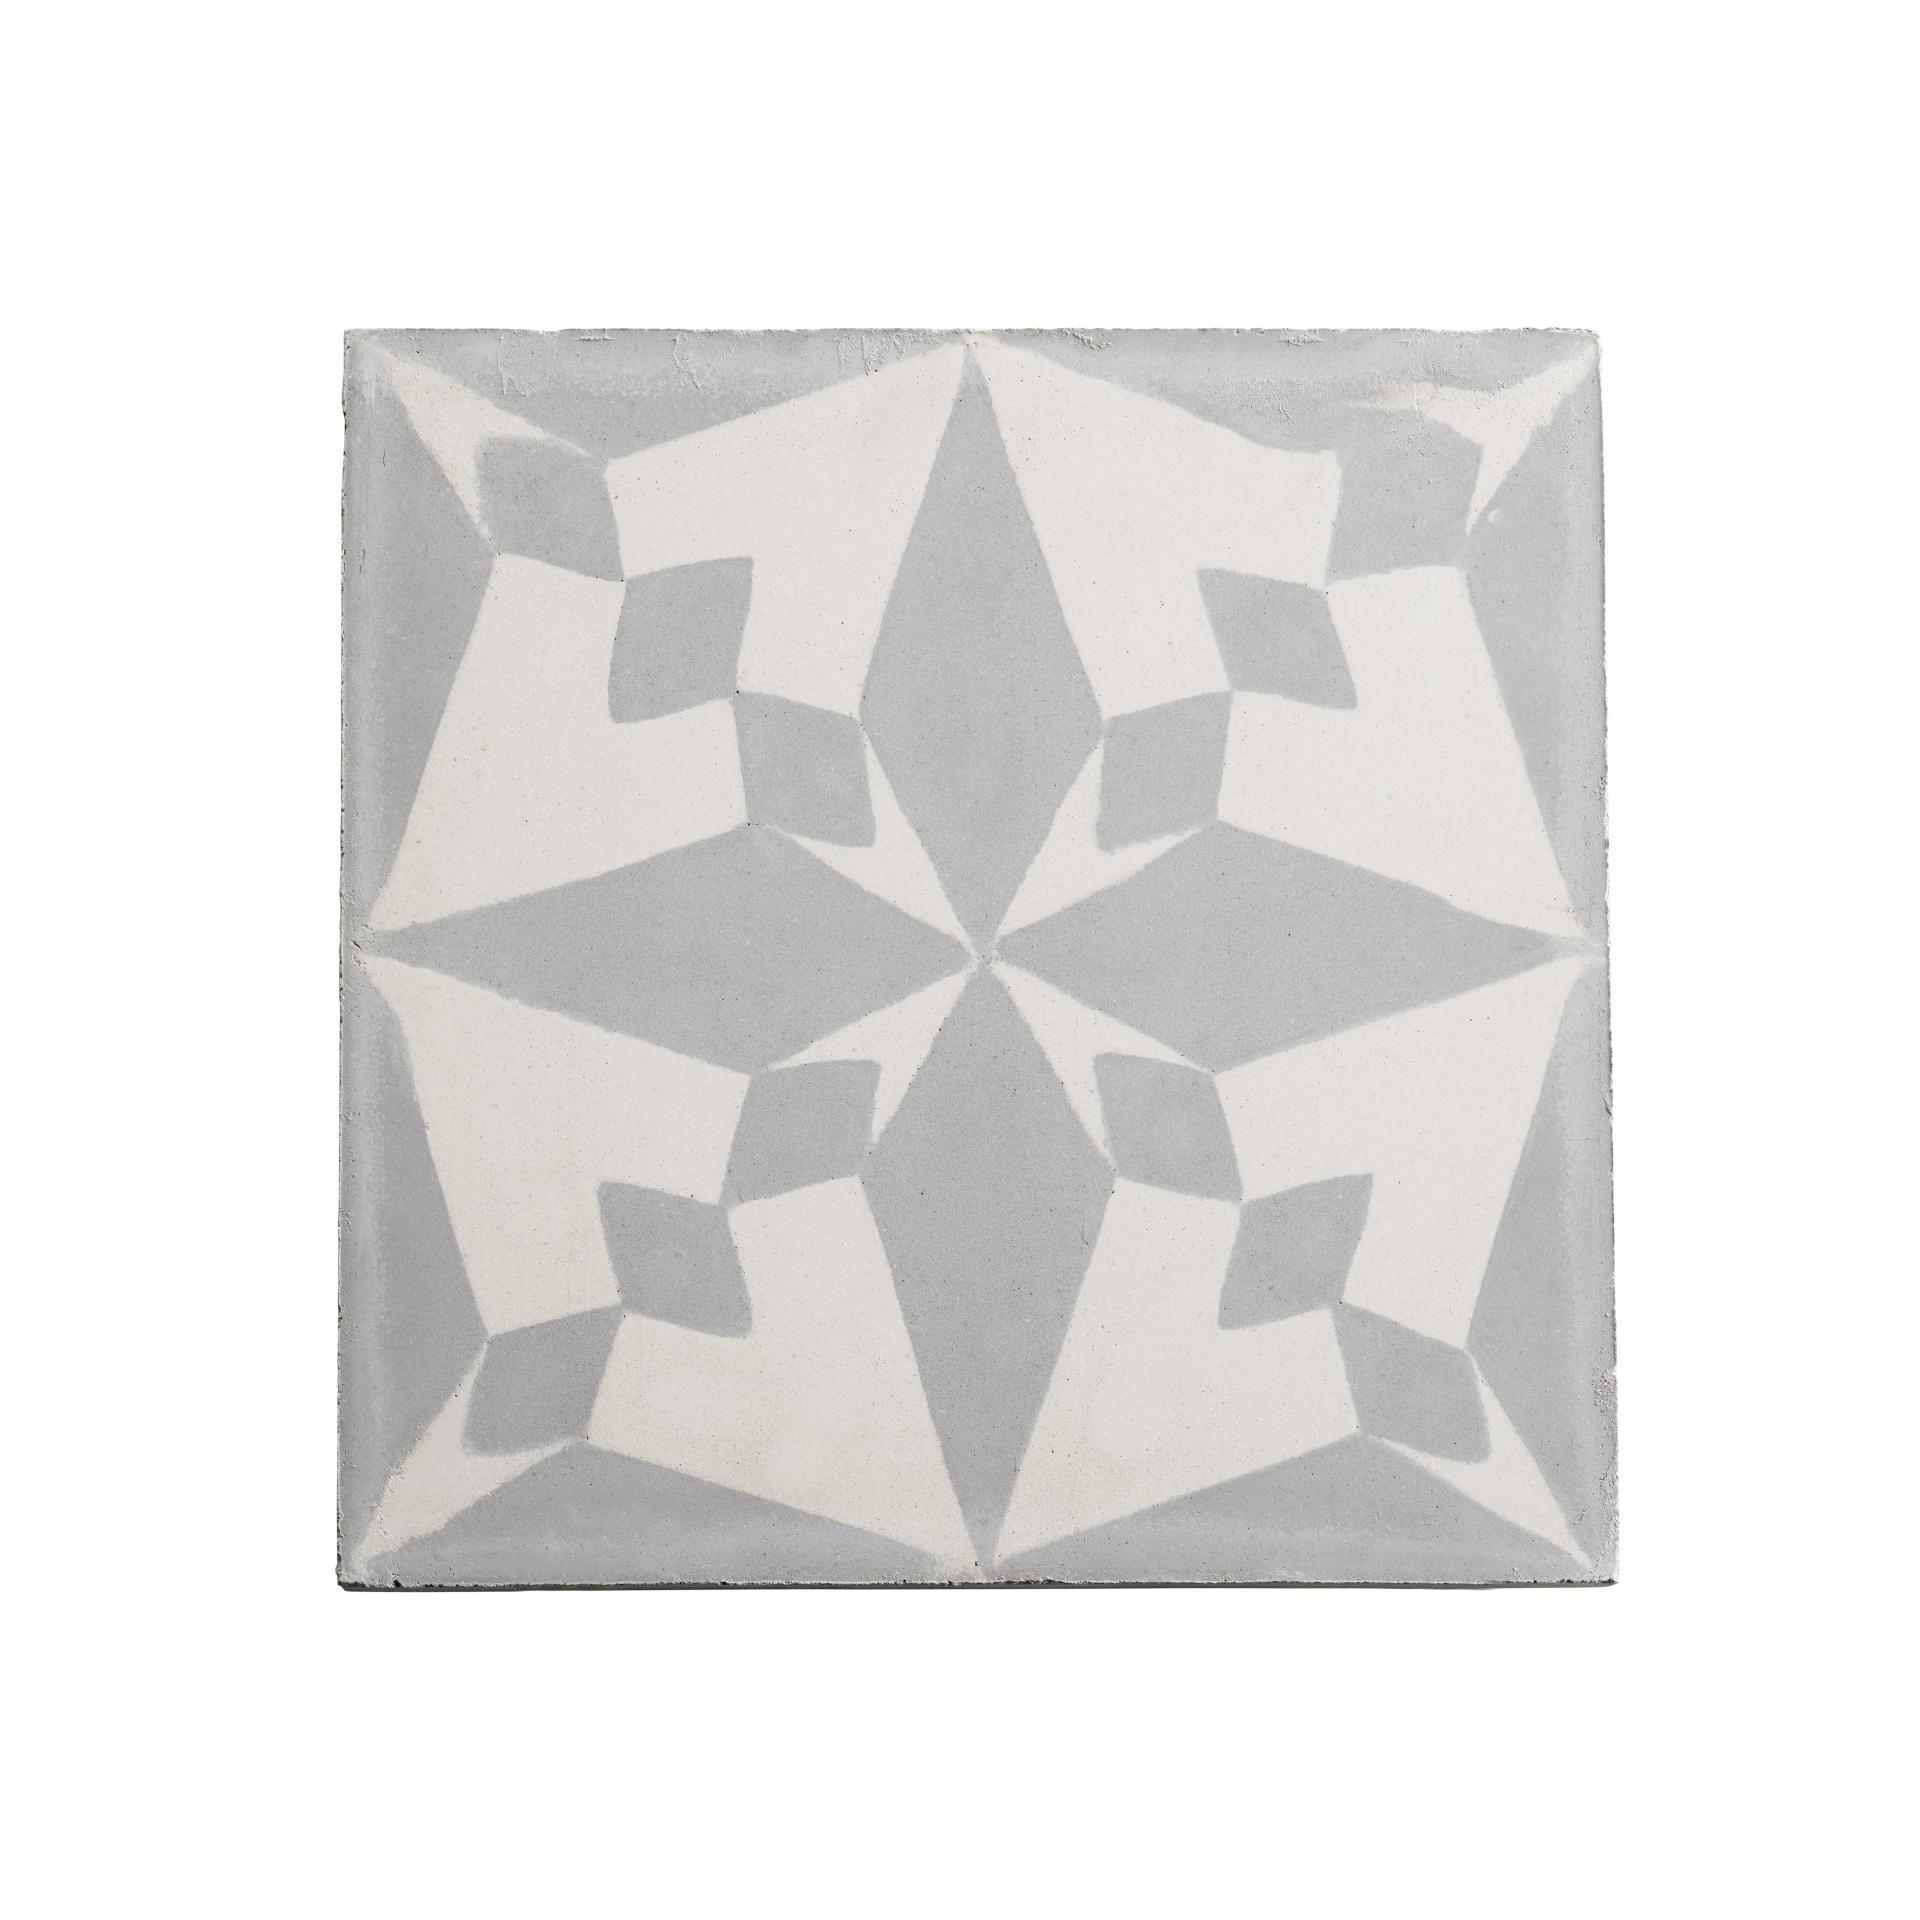 Tine K Home Cementová kachle Grey Pole, šedá barva, beton